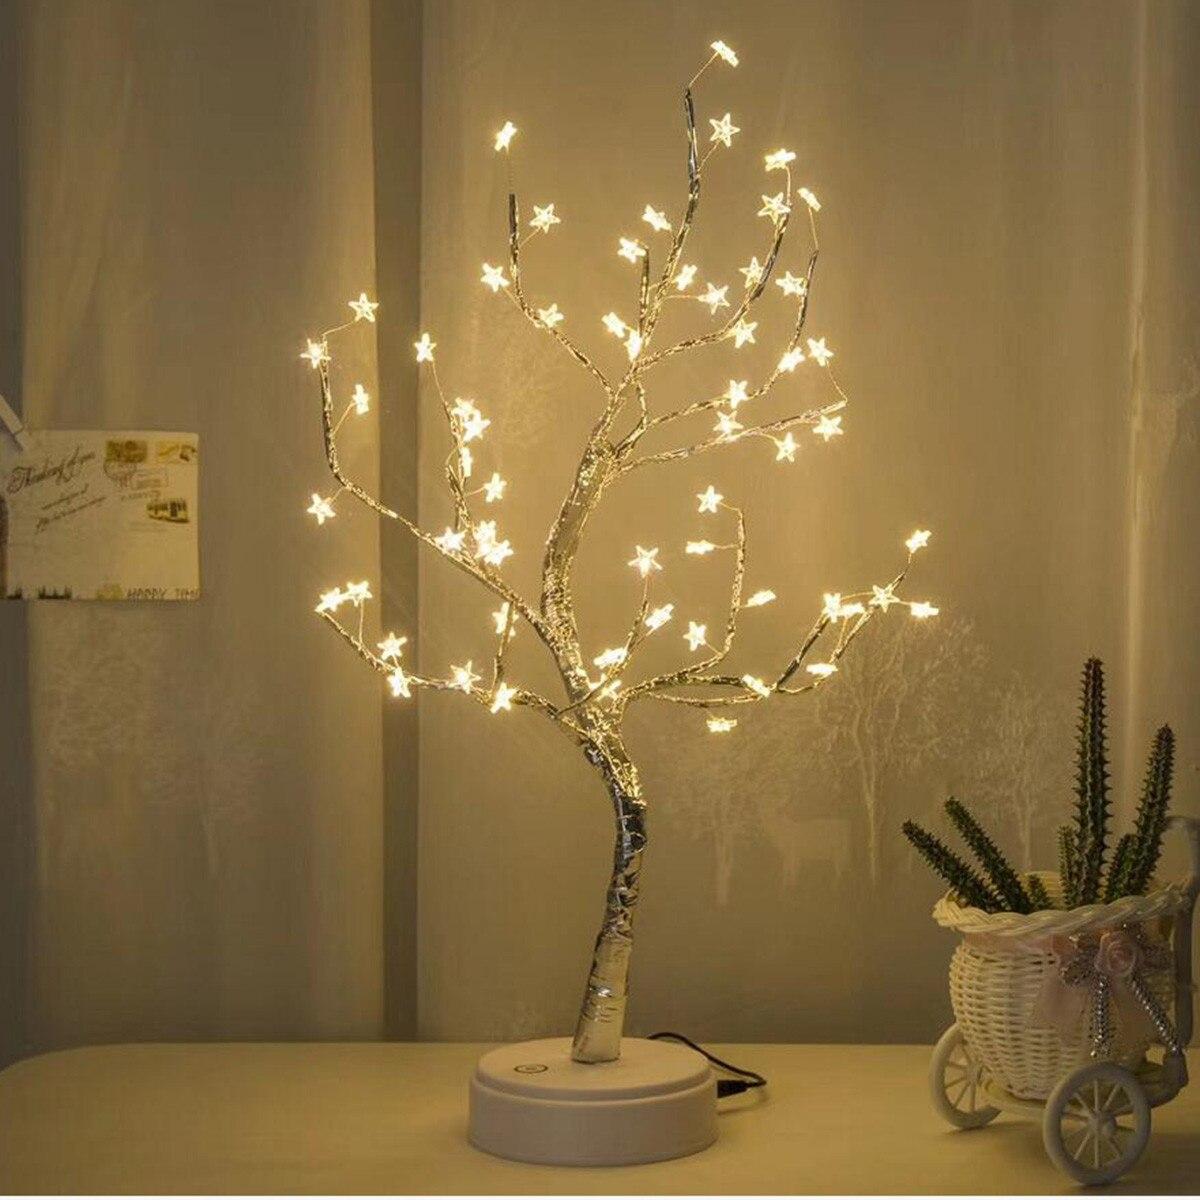 LED blanco ALIWARM Original con lámpara de mesa de 60 estrellas blancas para decoración del hogar boda dormitorio Dropshipping 20